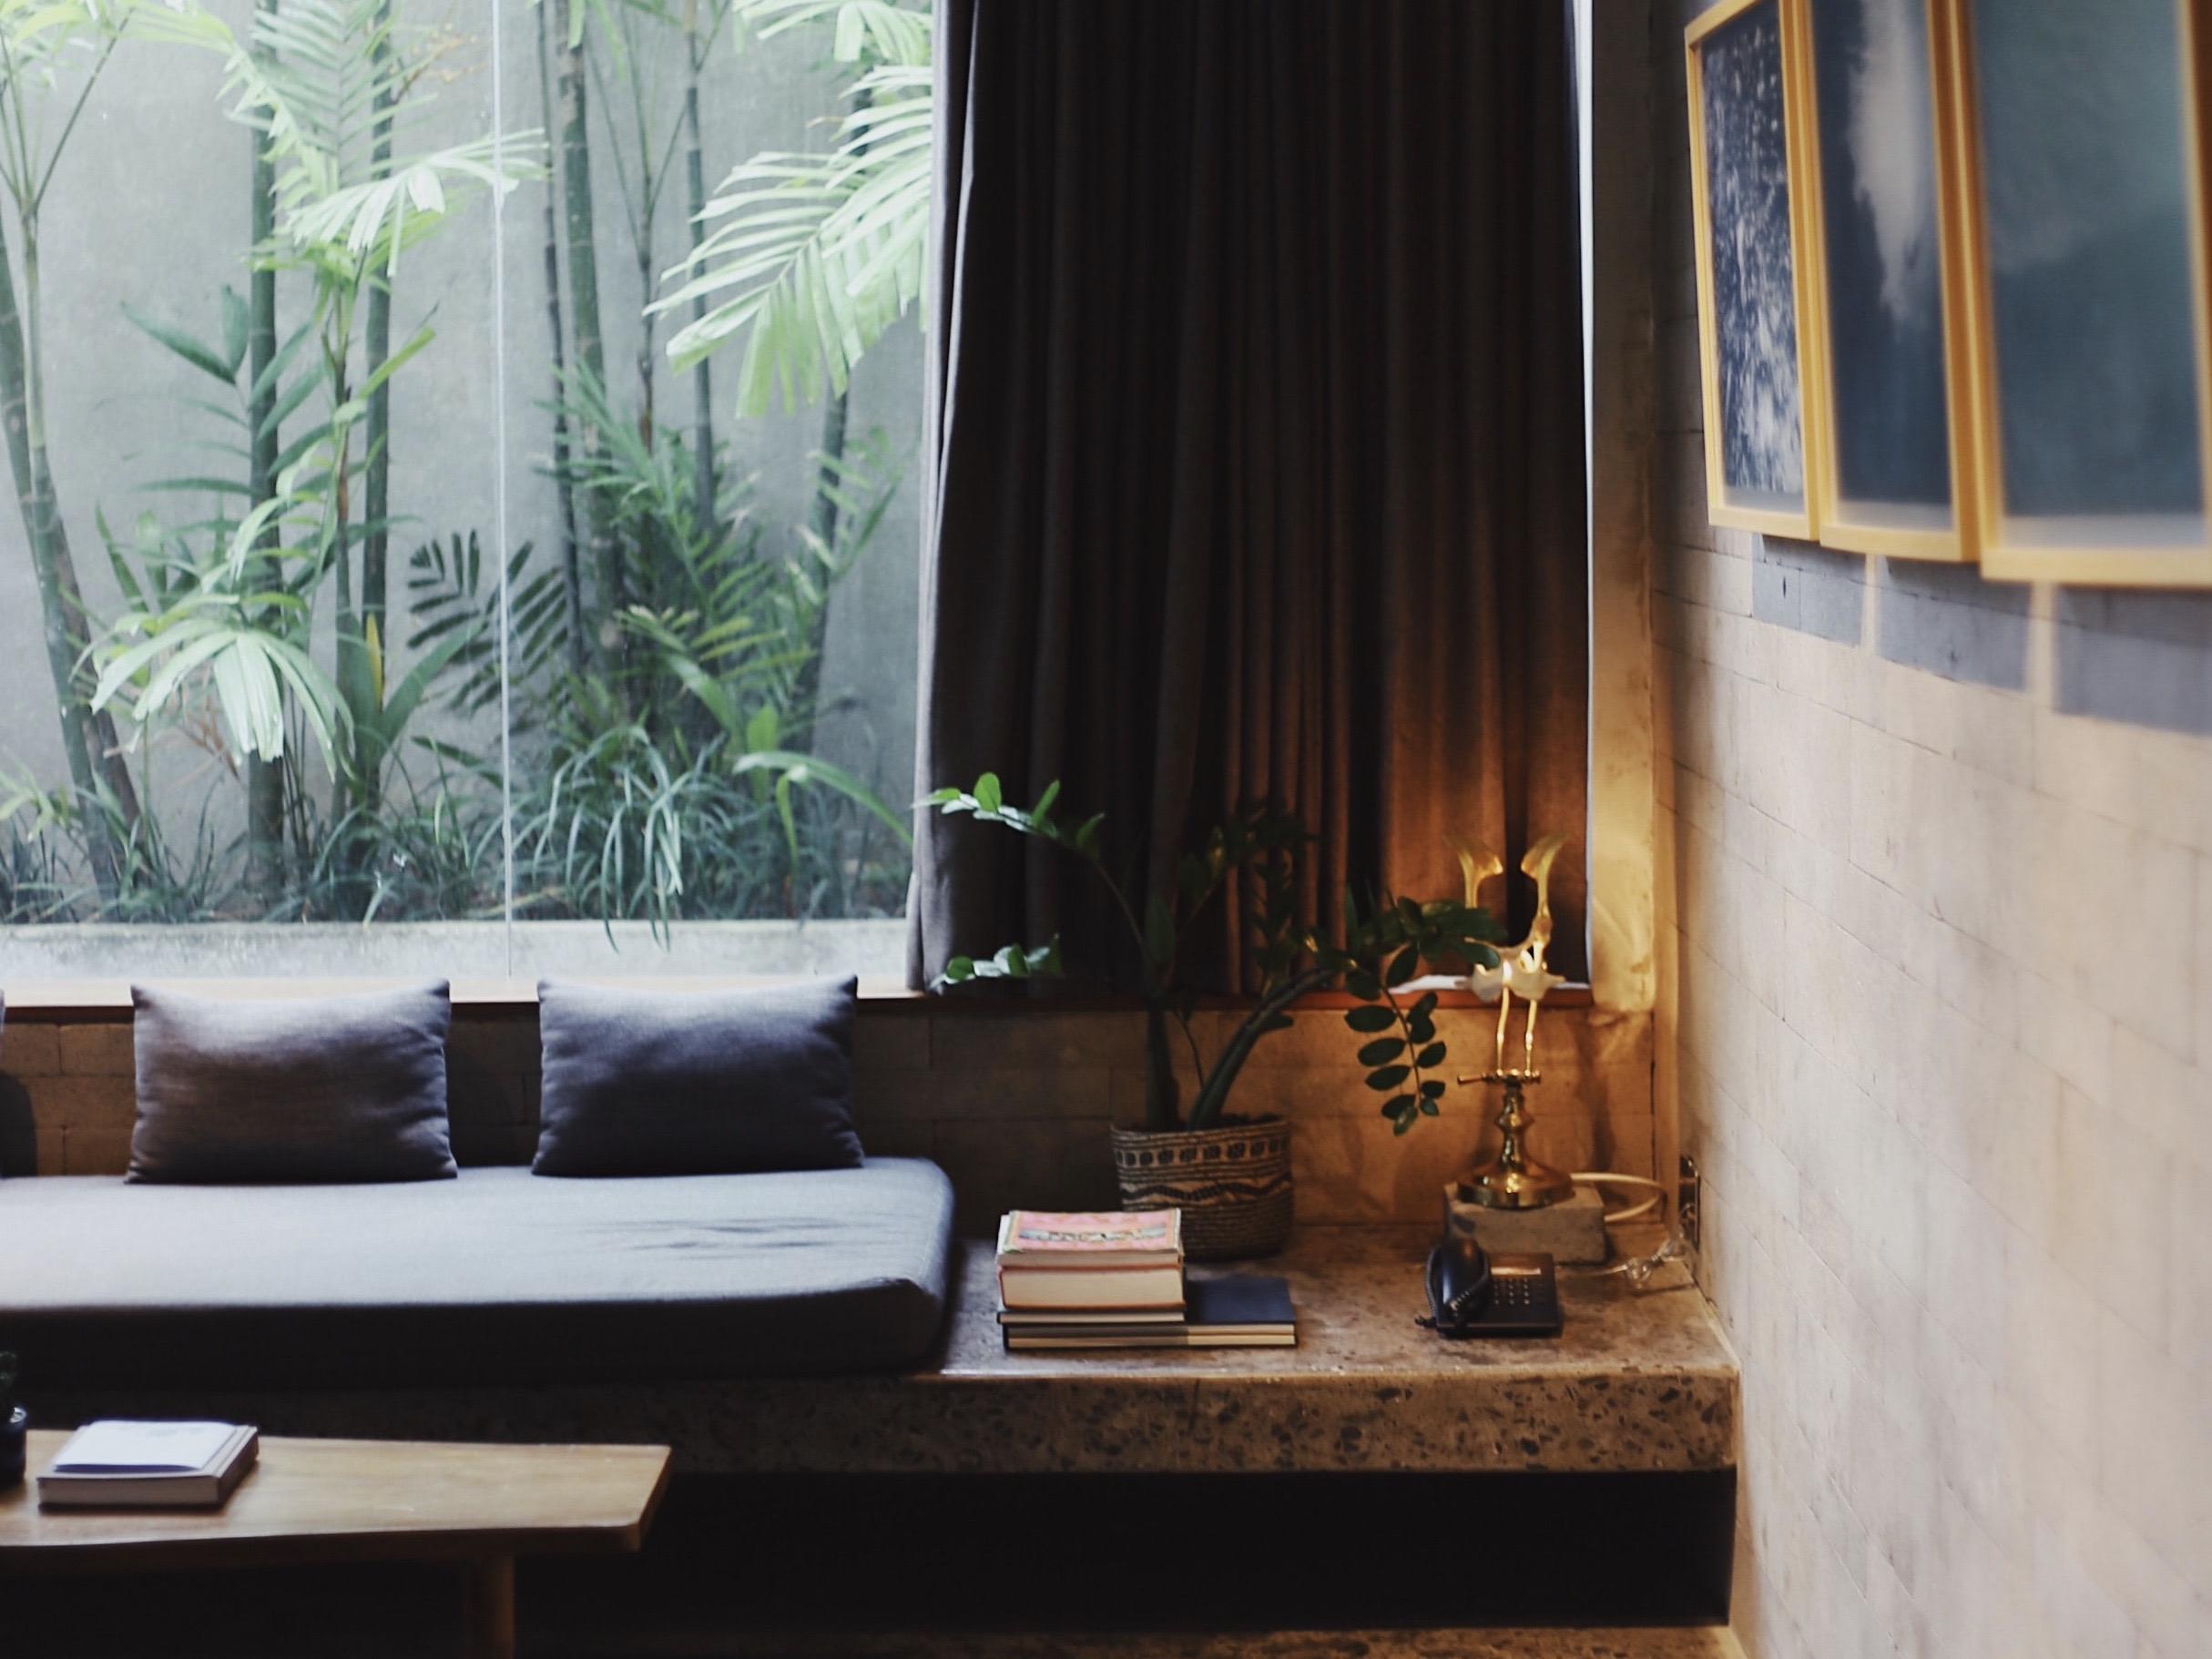 Hotel room. Image Credit: Taylor Simpson/Unsplash